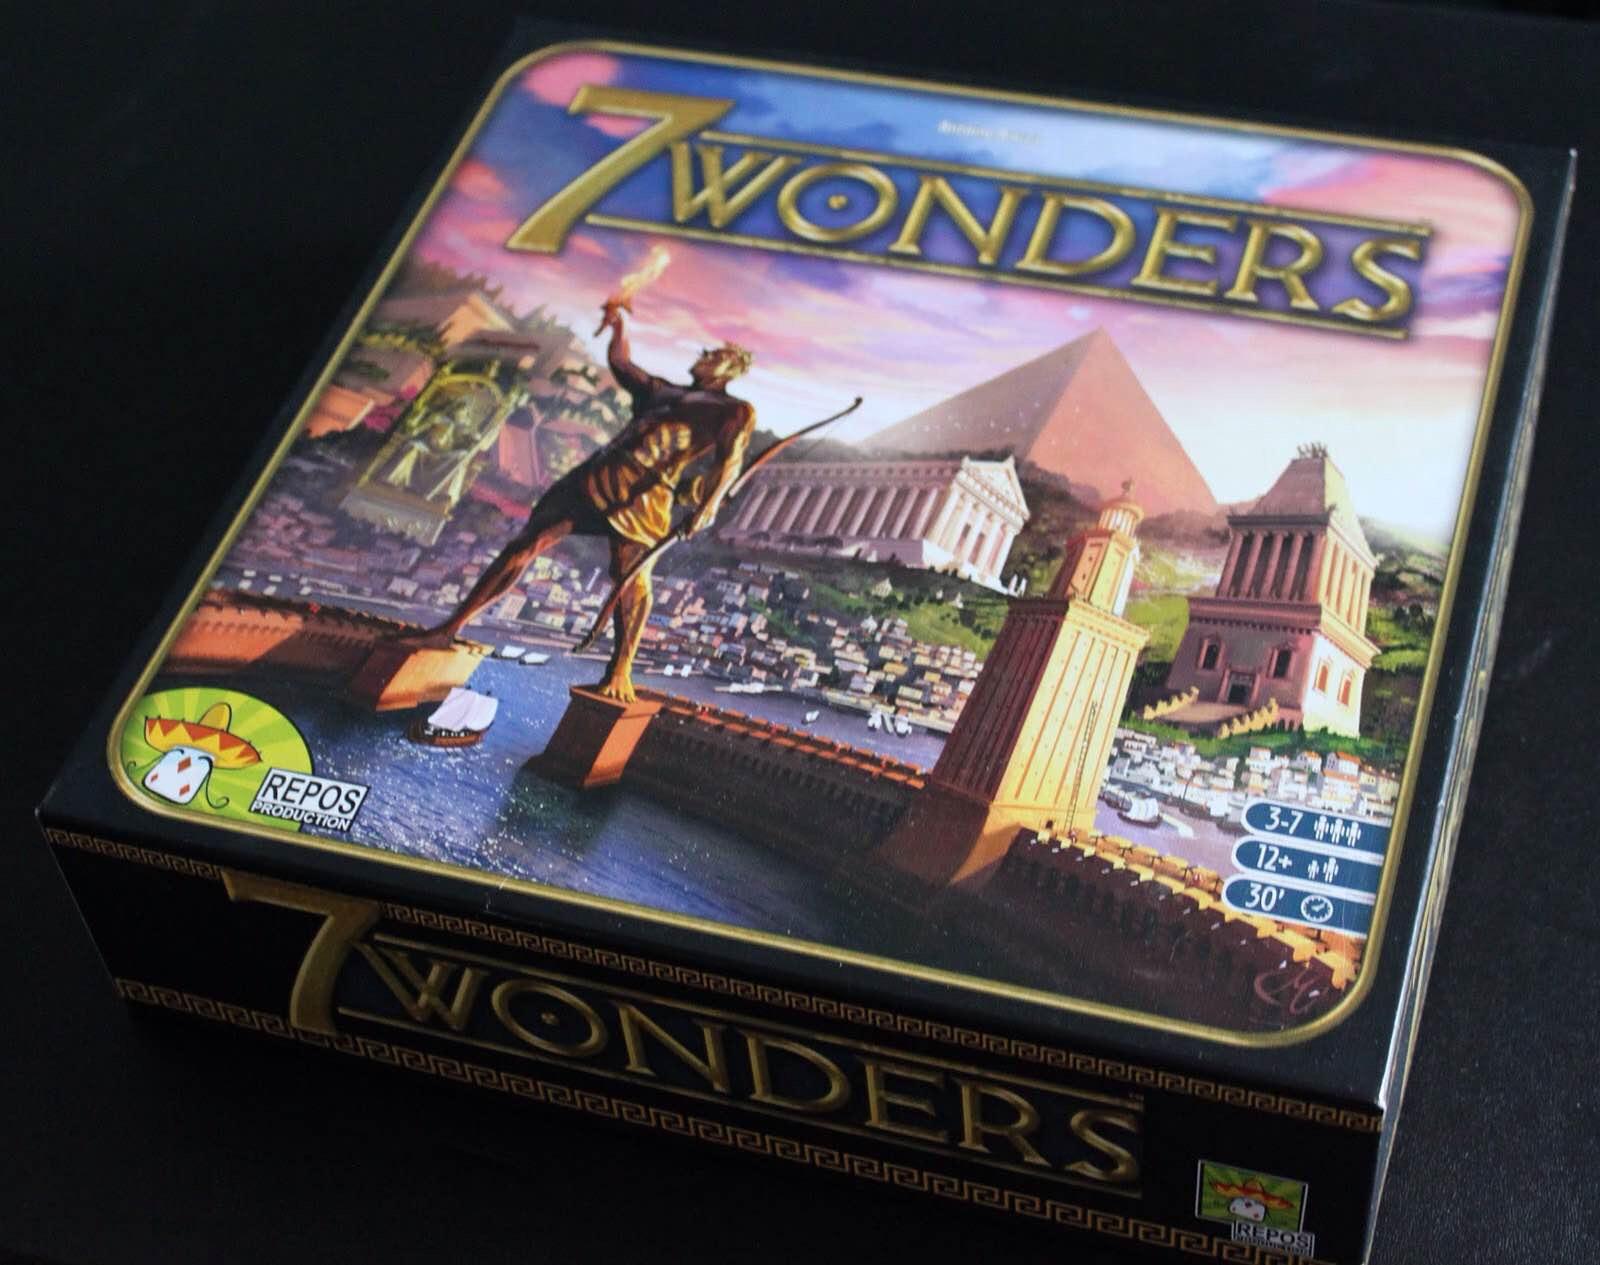 7 Wonders ($33)